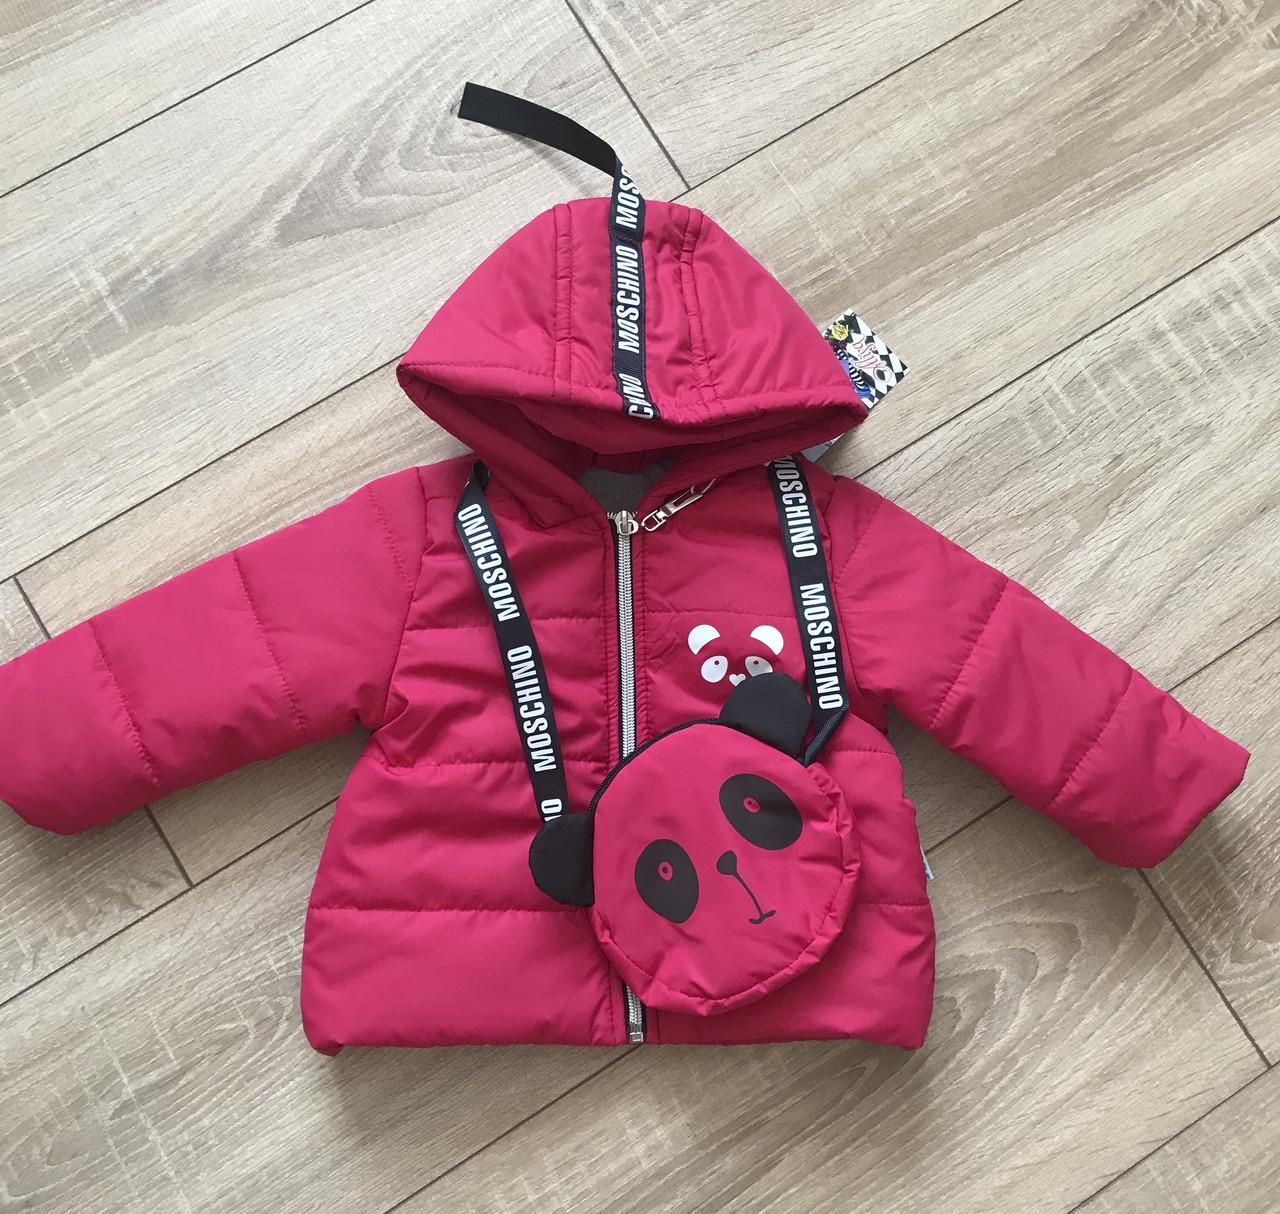 Детская весенняя курточка для девочки «Панда» размеры 74, 80, 86, 92